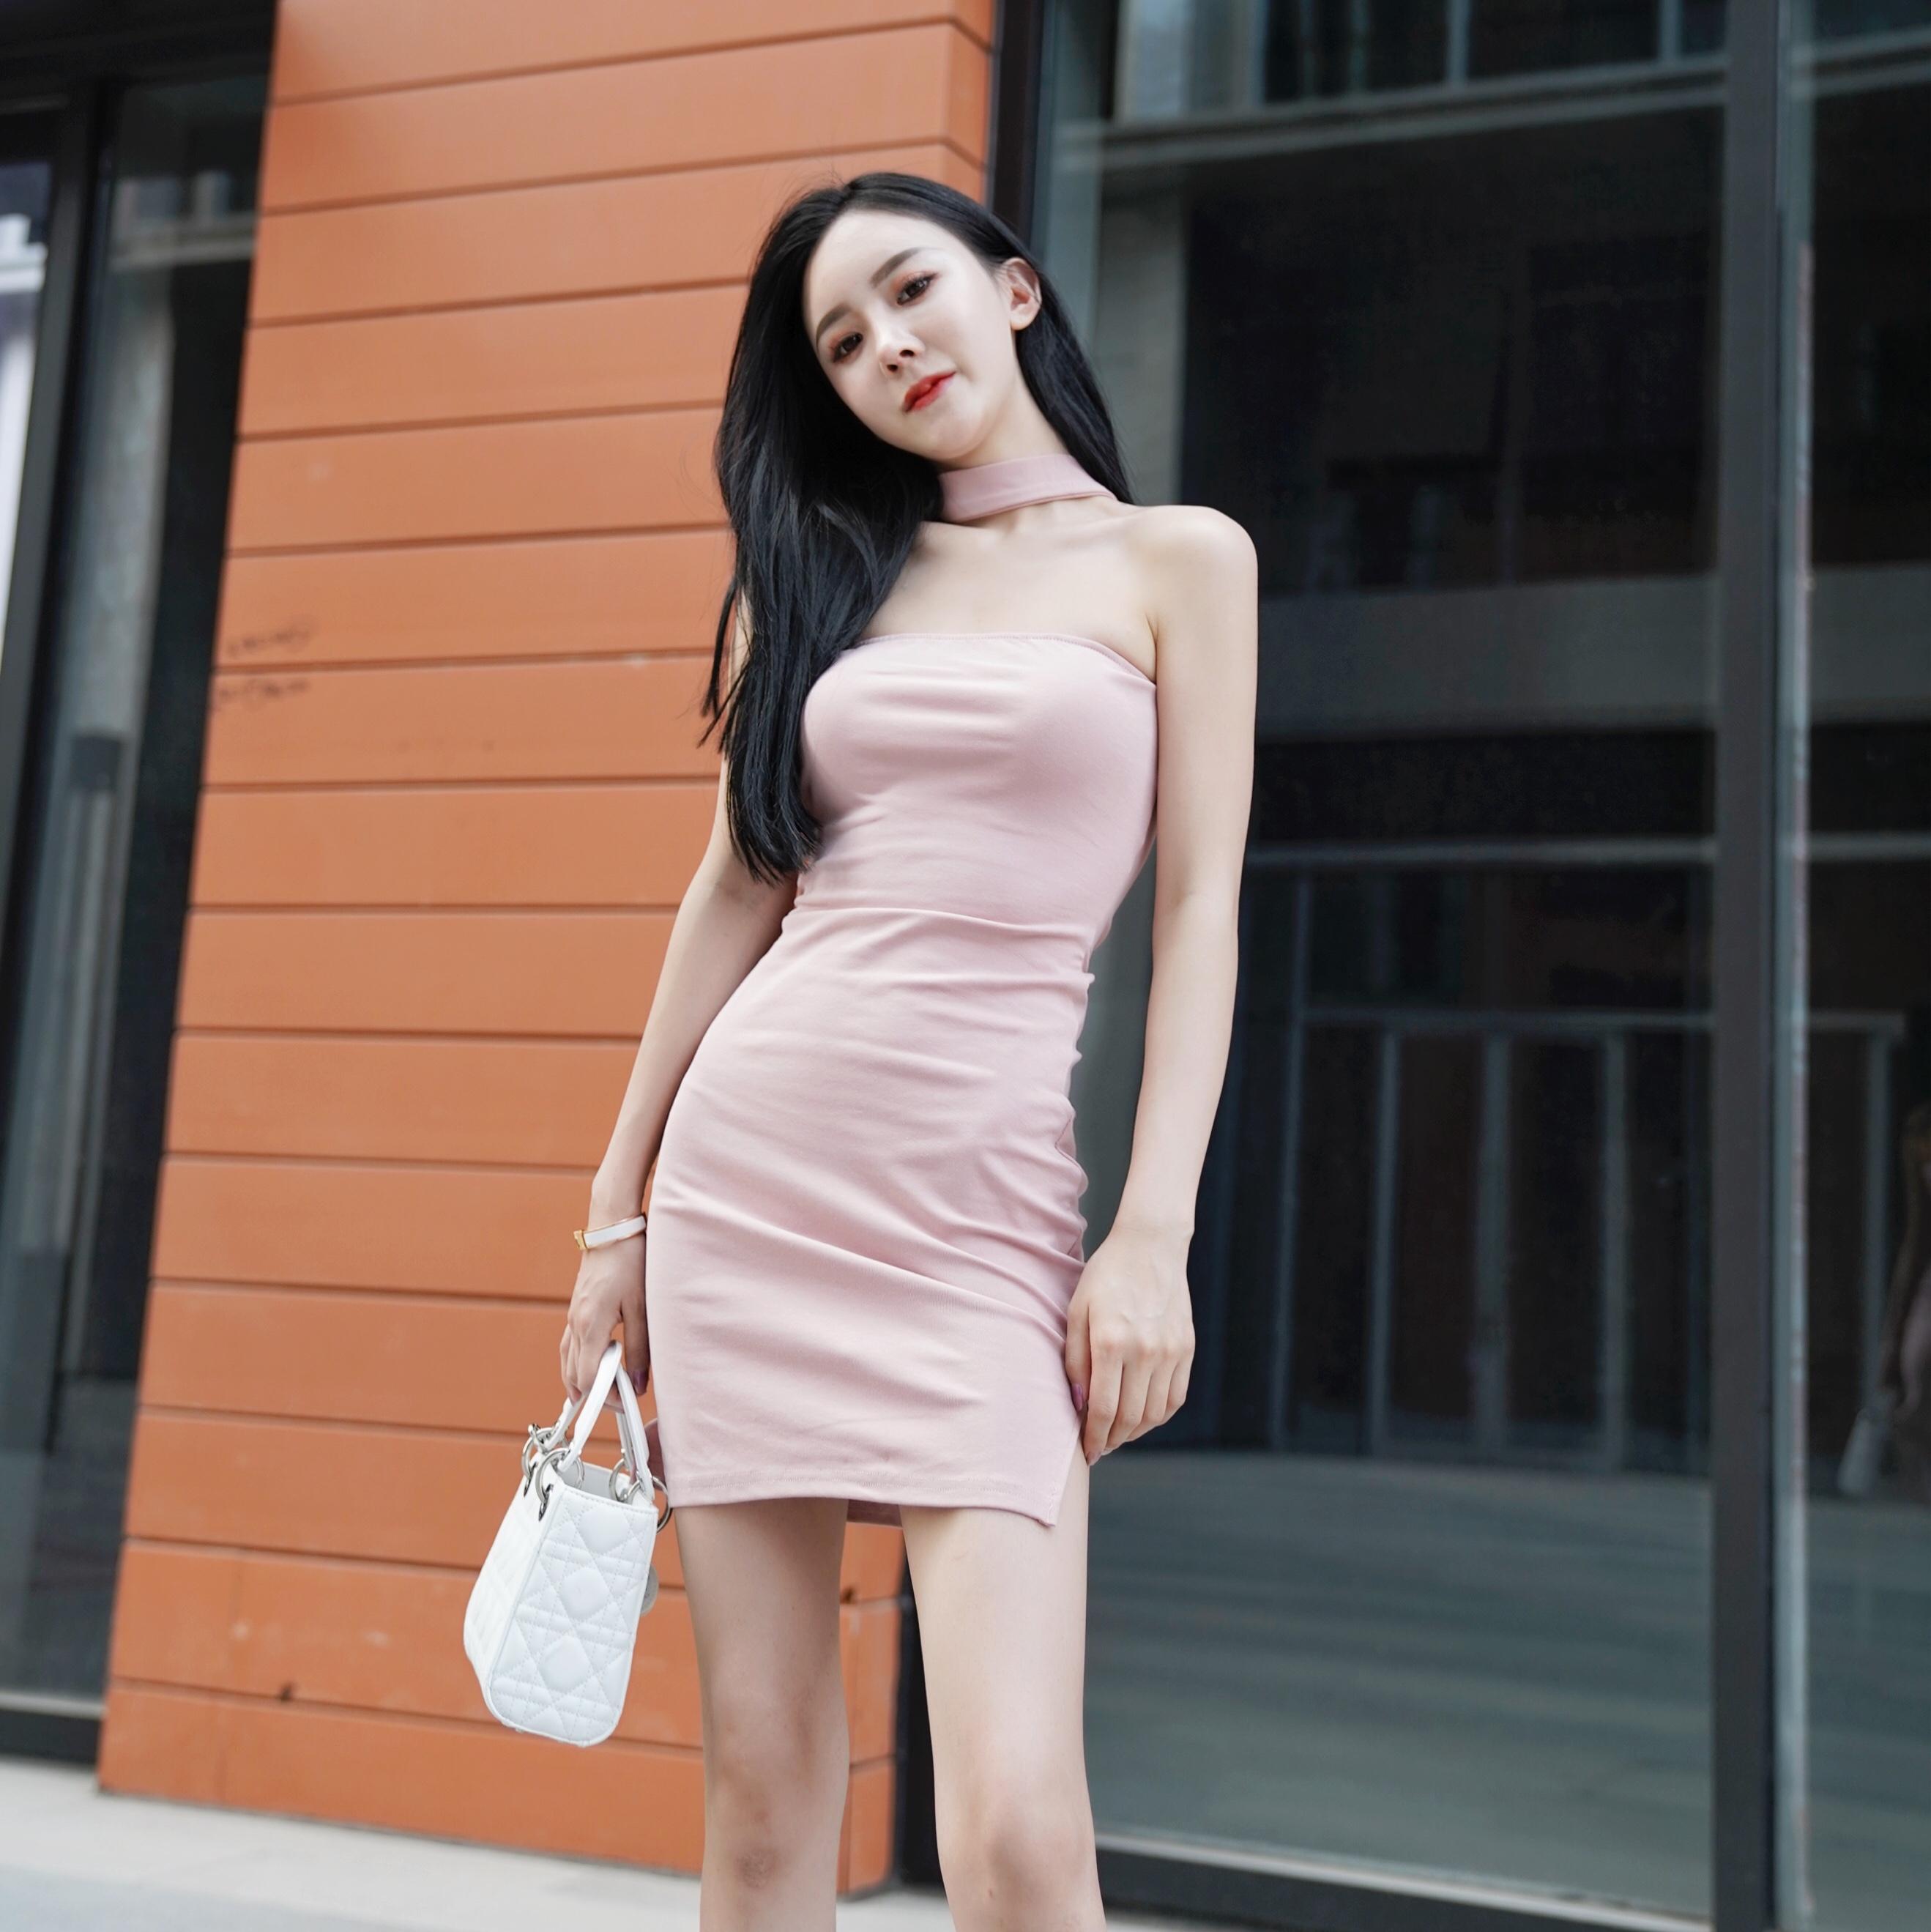 包臀修身连衣裙 2020夏款一件多穿性感绑带开叉包臀修身显瘦连衣裙_推荐淘宝好看的包臀修身连衣裙